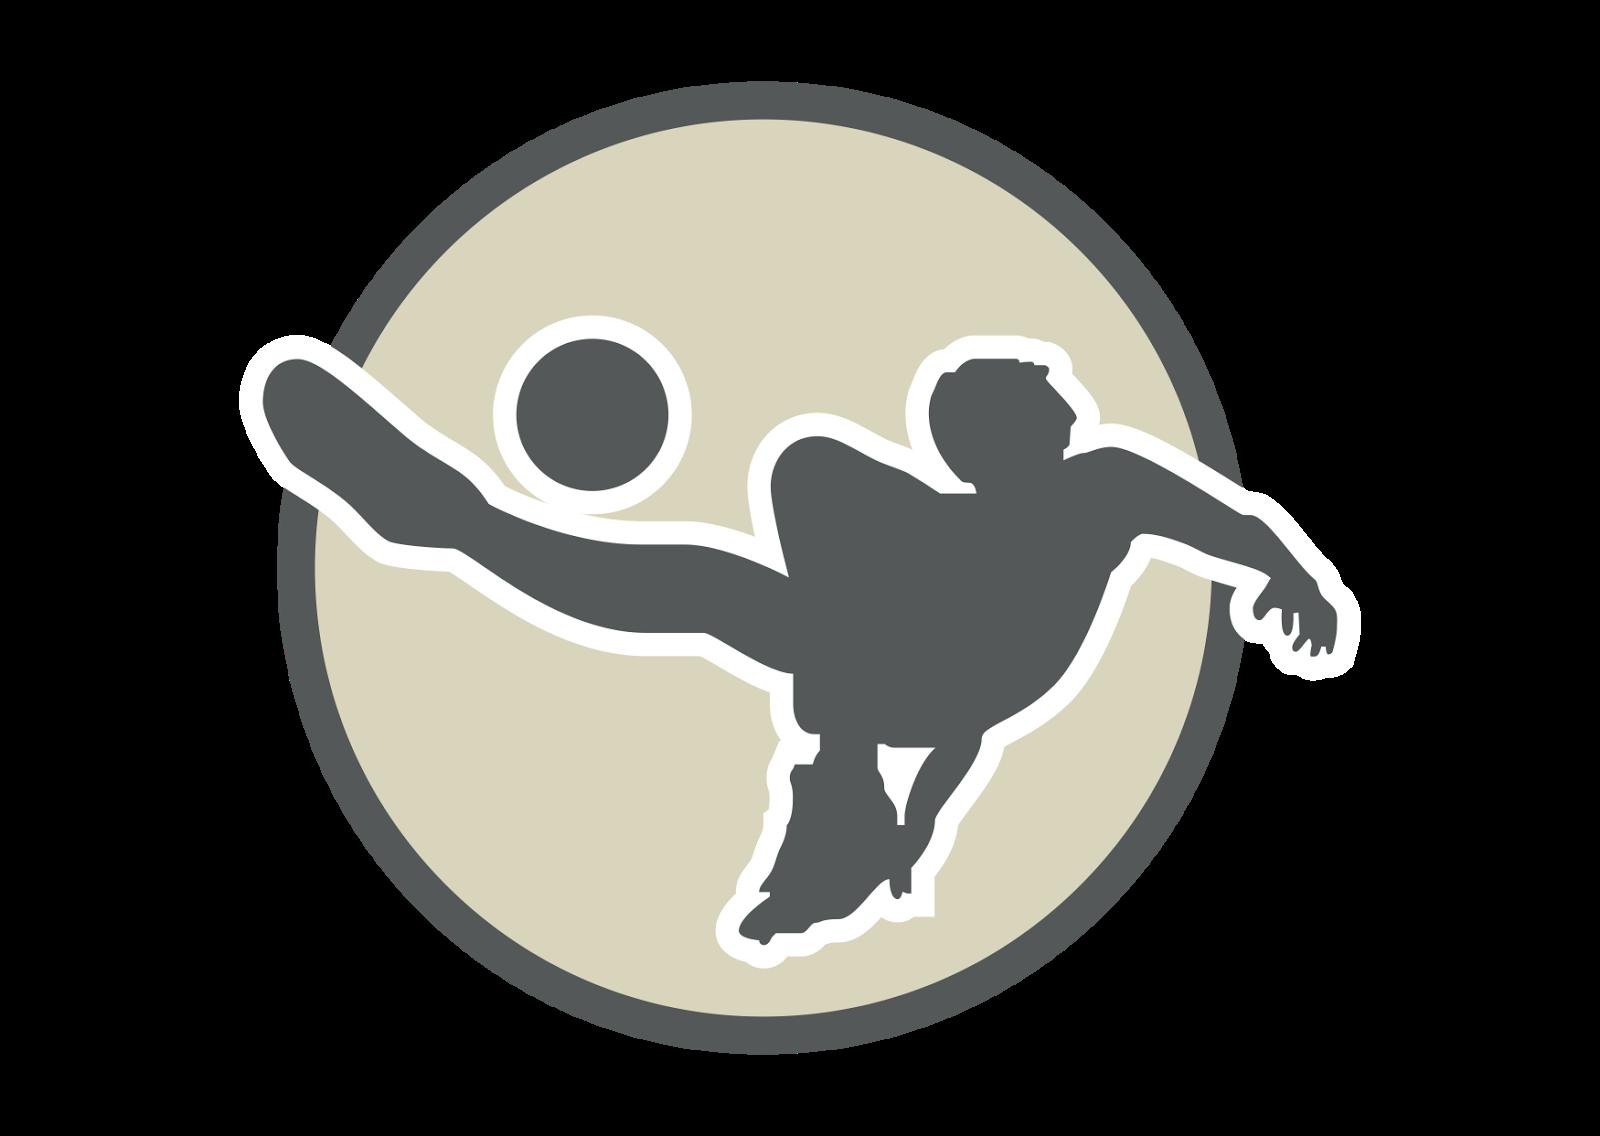 Logo Socar PNG - 30878